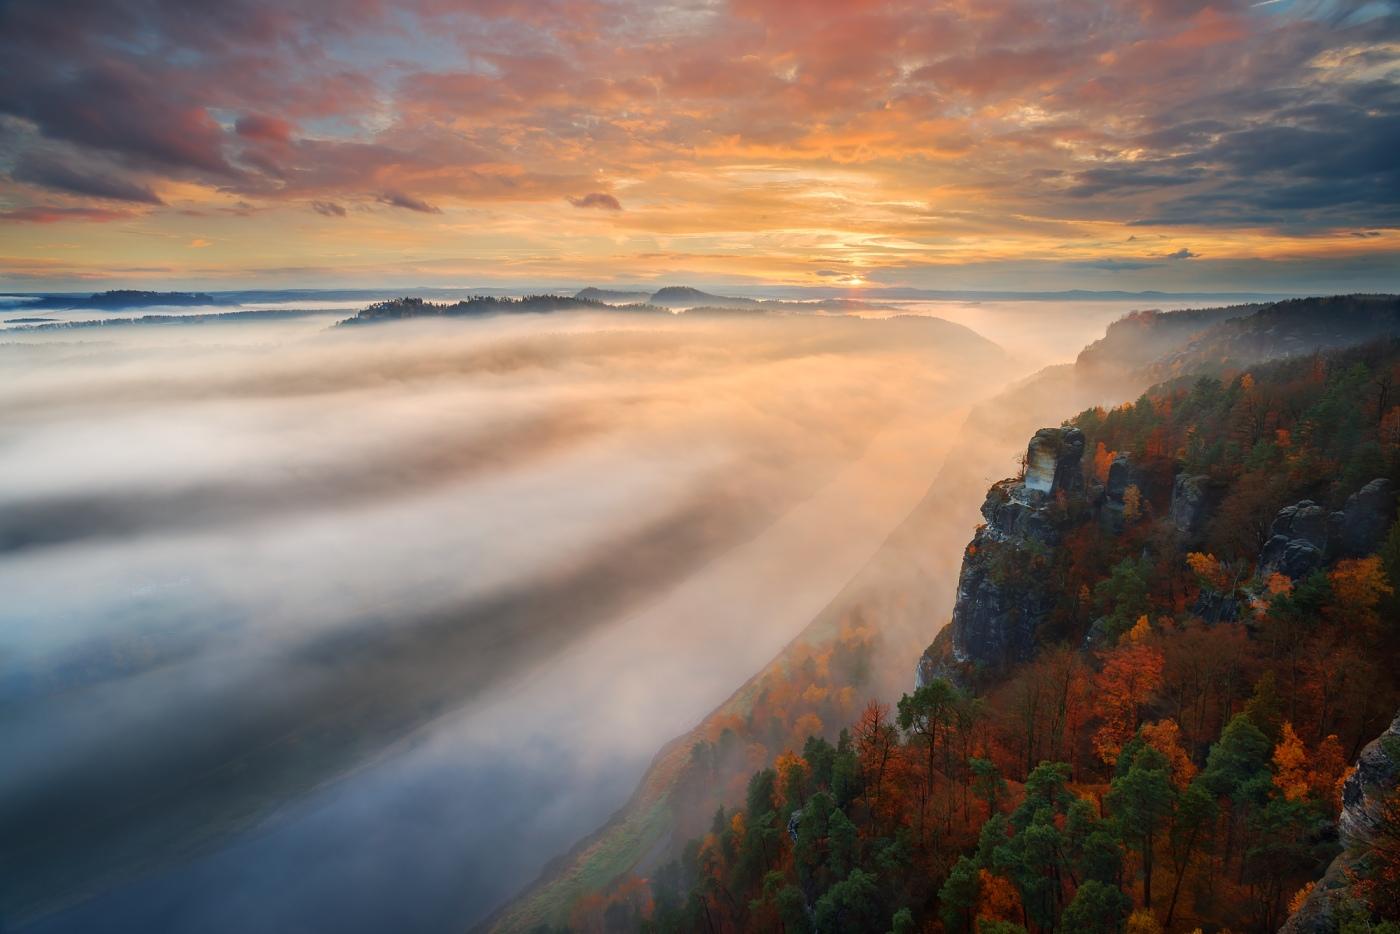 Bastei, Českosaské Švýcarsko, Německo. D600, Nikon 17-35mm f/2,8 AF-S, clona f/13, čas 1/6, ohnisko 17 mm, ND filtr 2-32x VFFOTO PS 77 mm